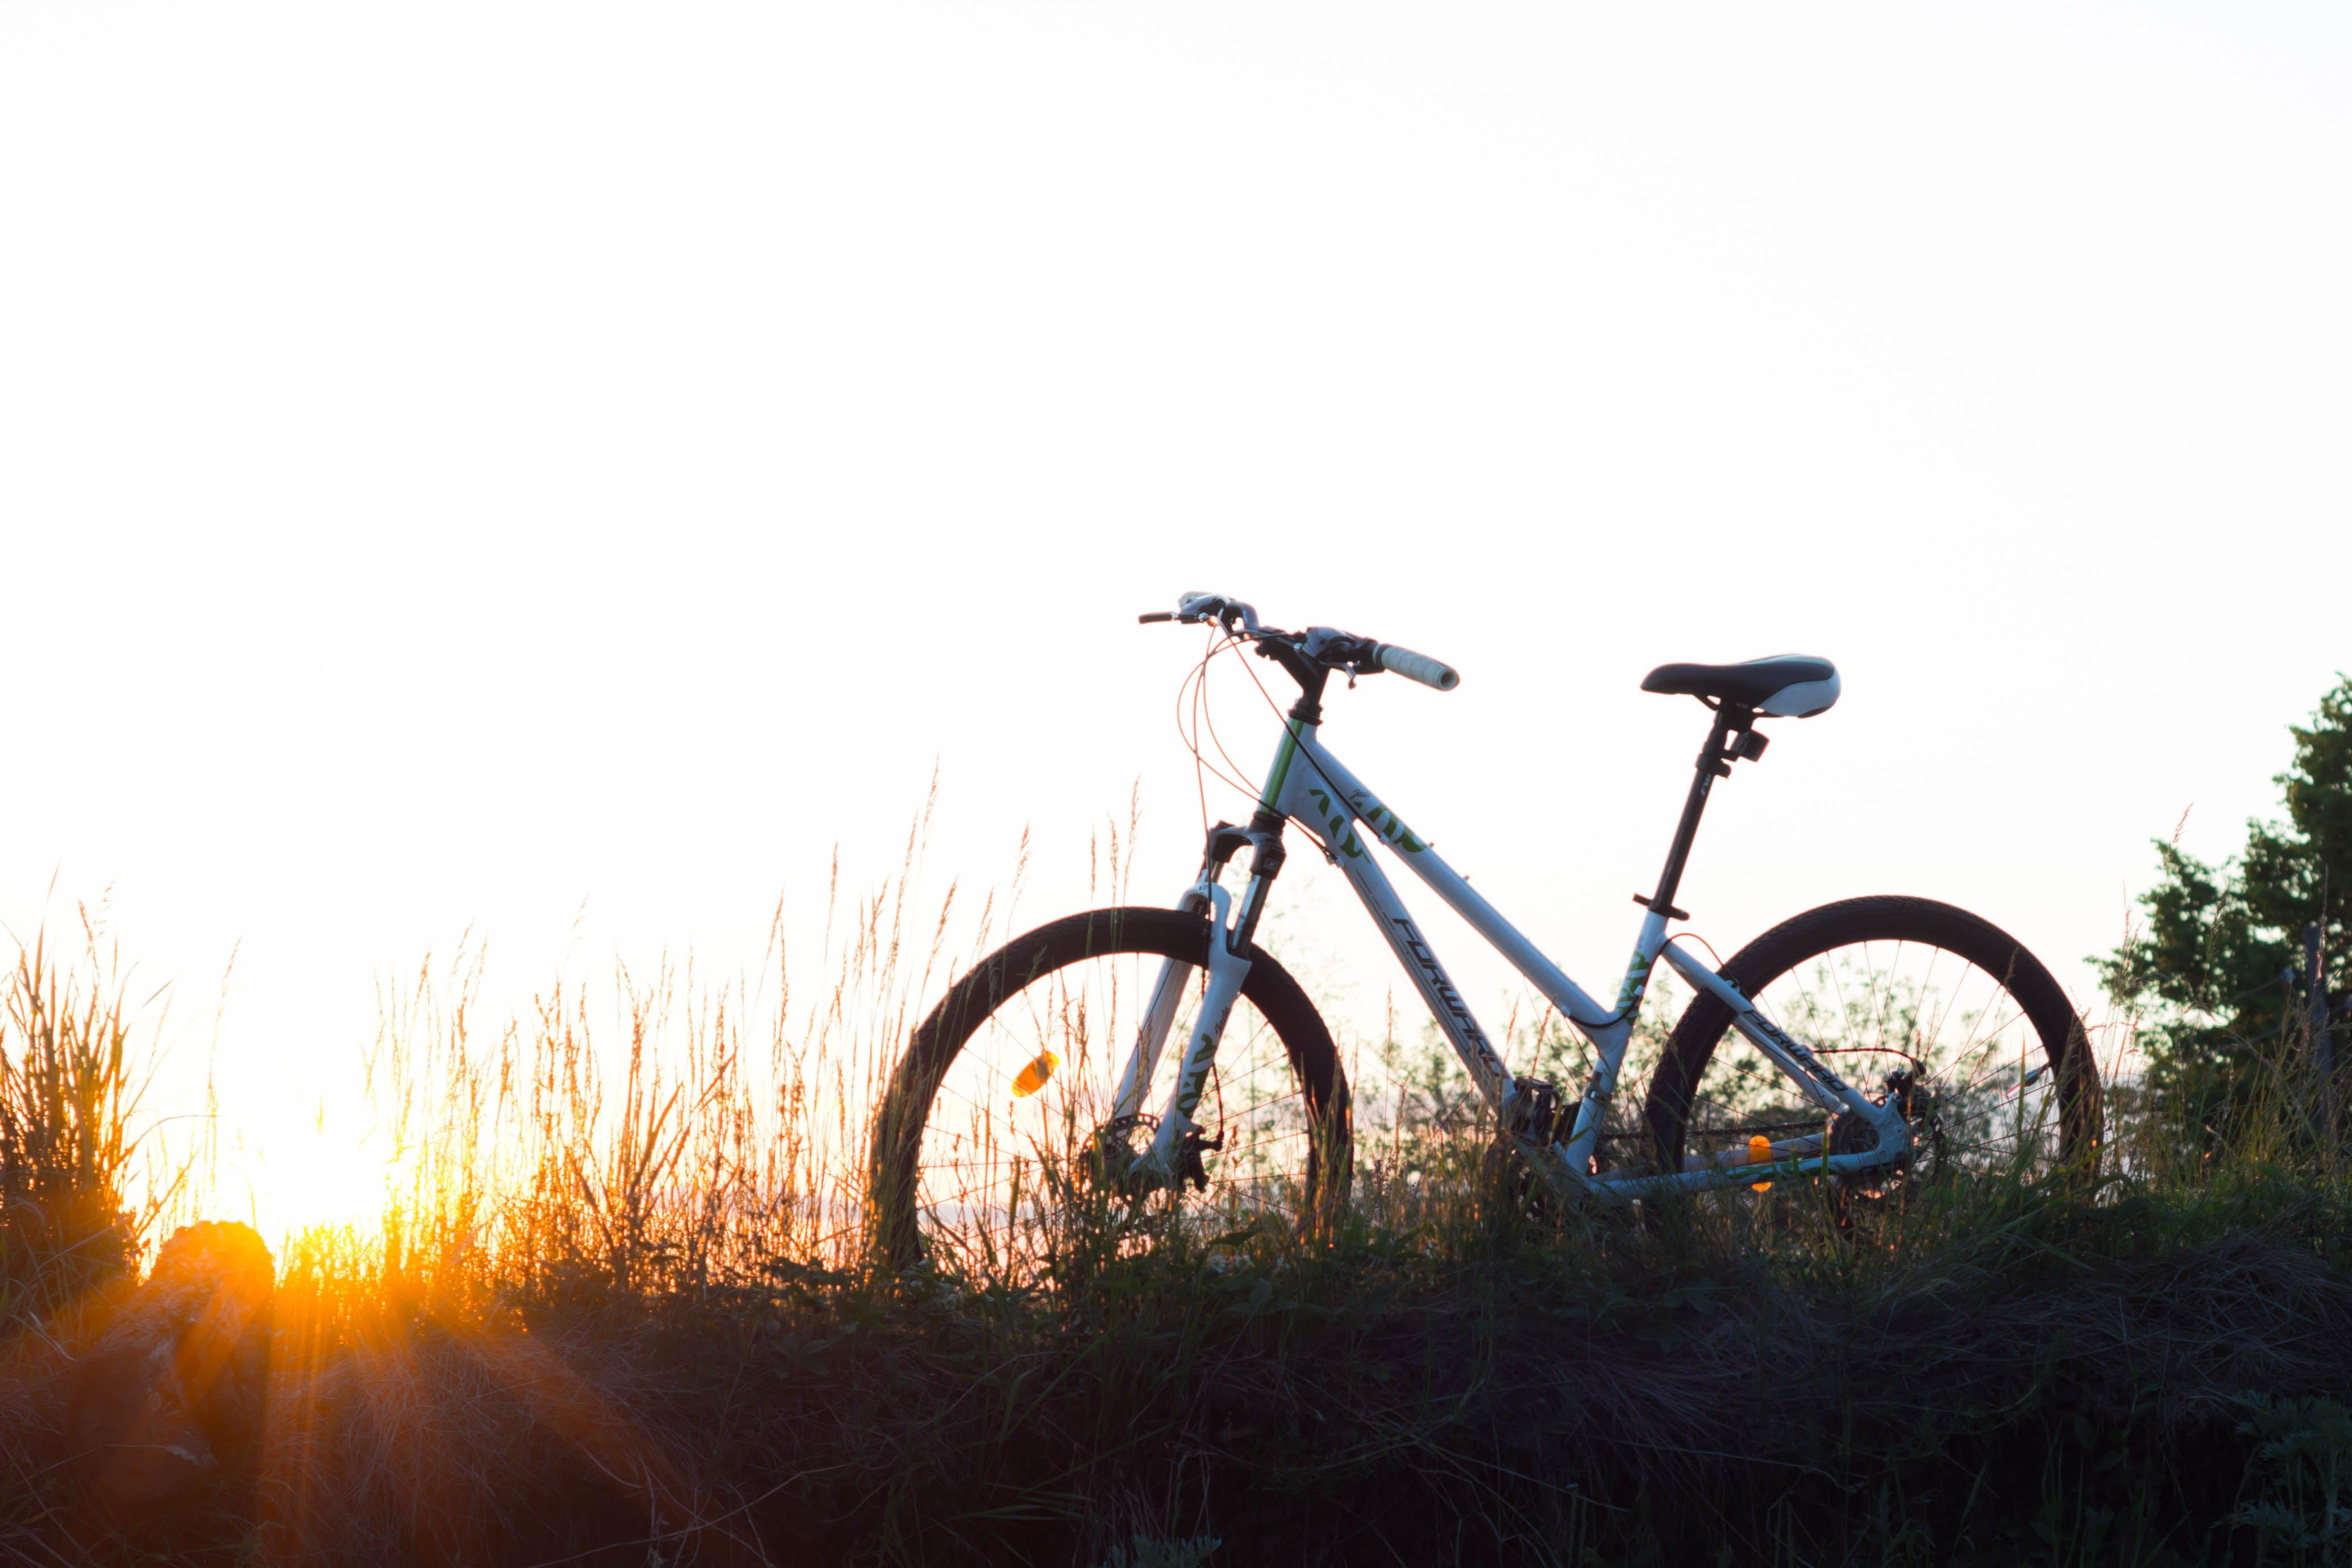 Kostenloses Stock Foto zu entlangrollen, erholung, fahrrad, freizeit